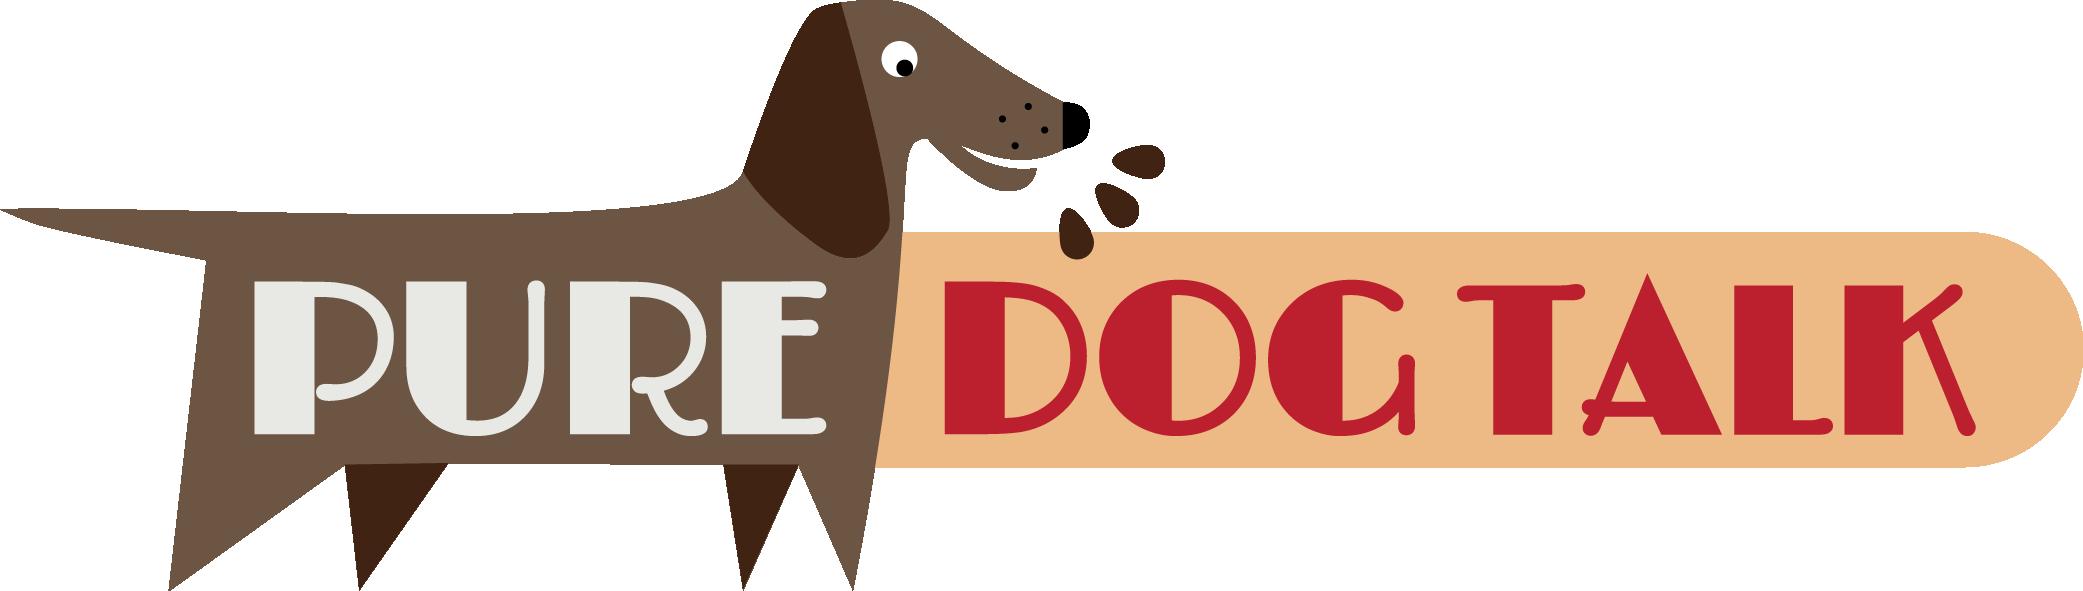 puredogtalk